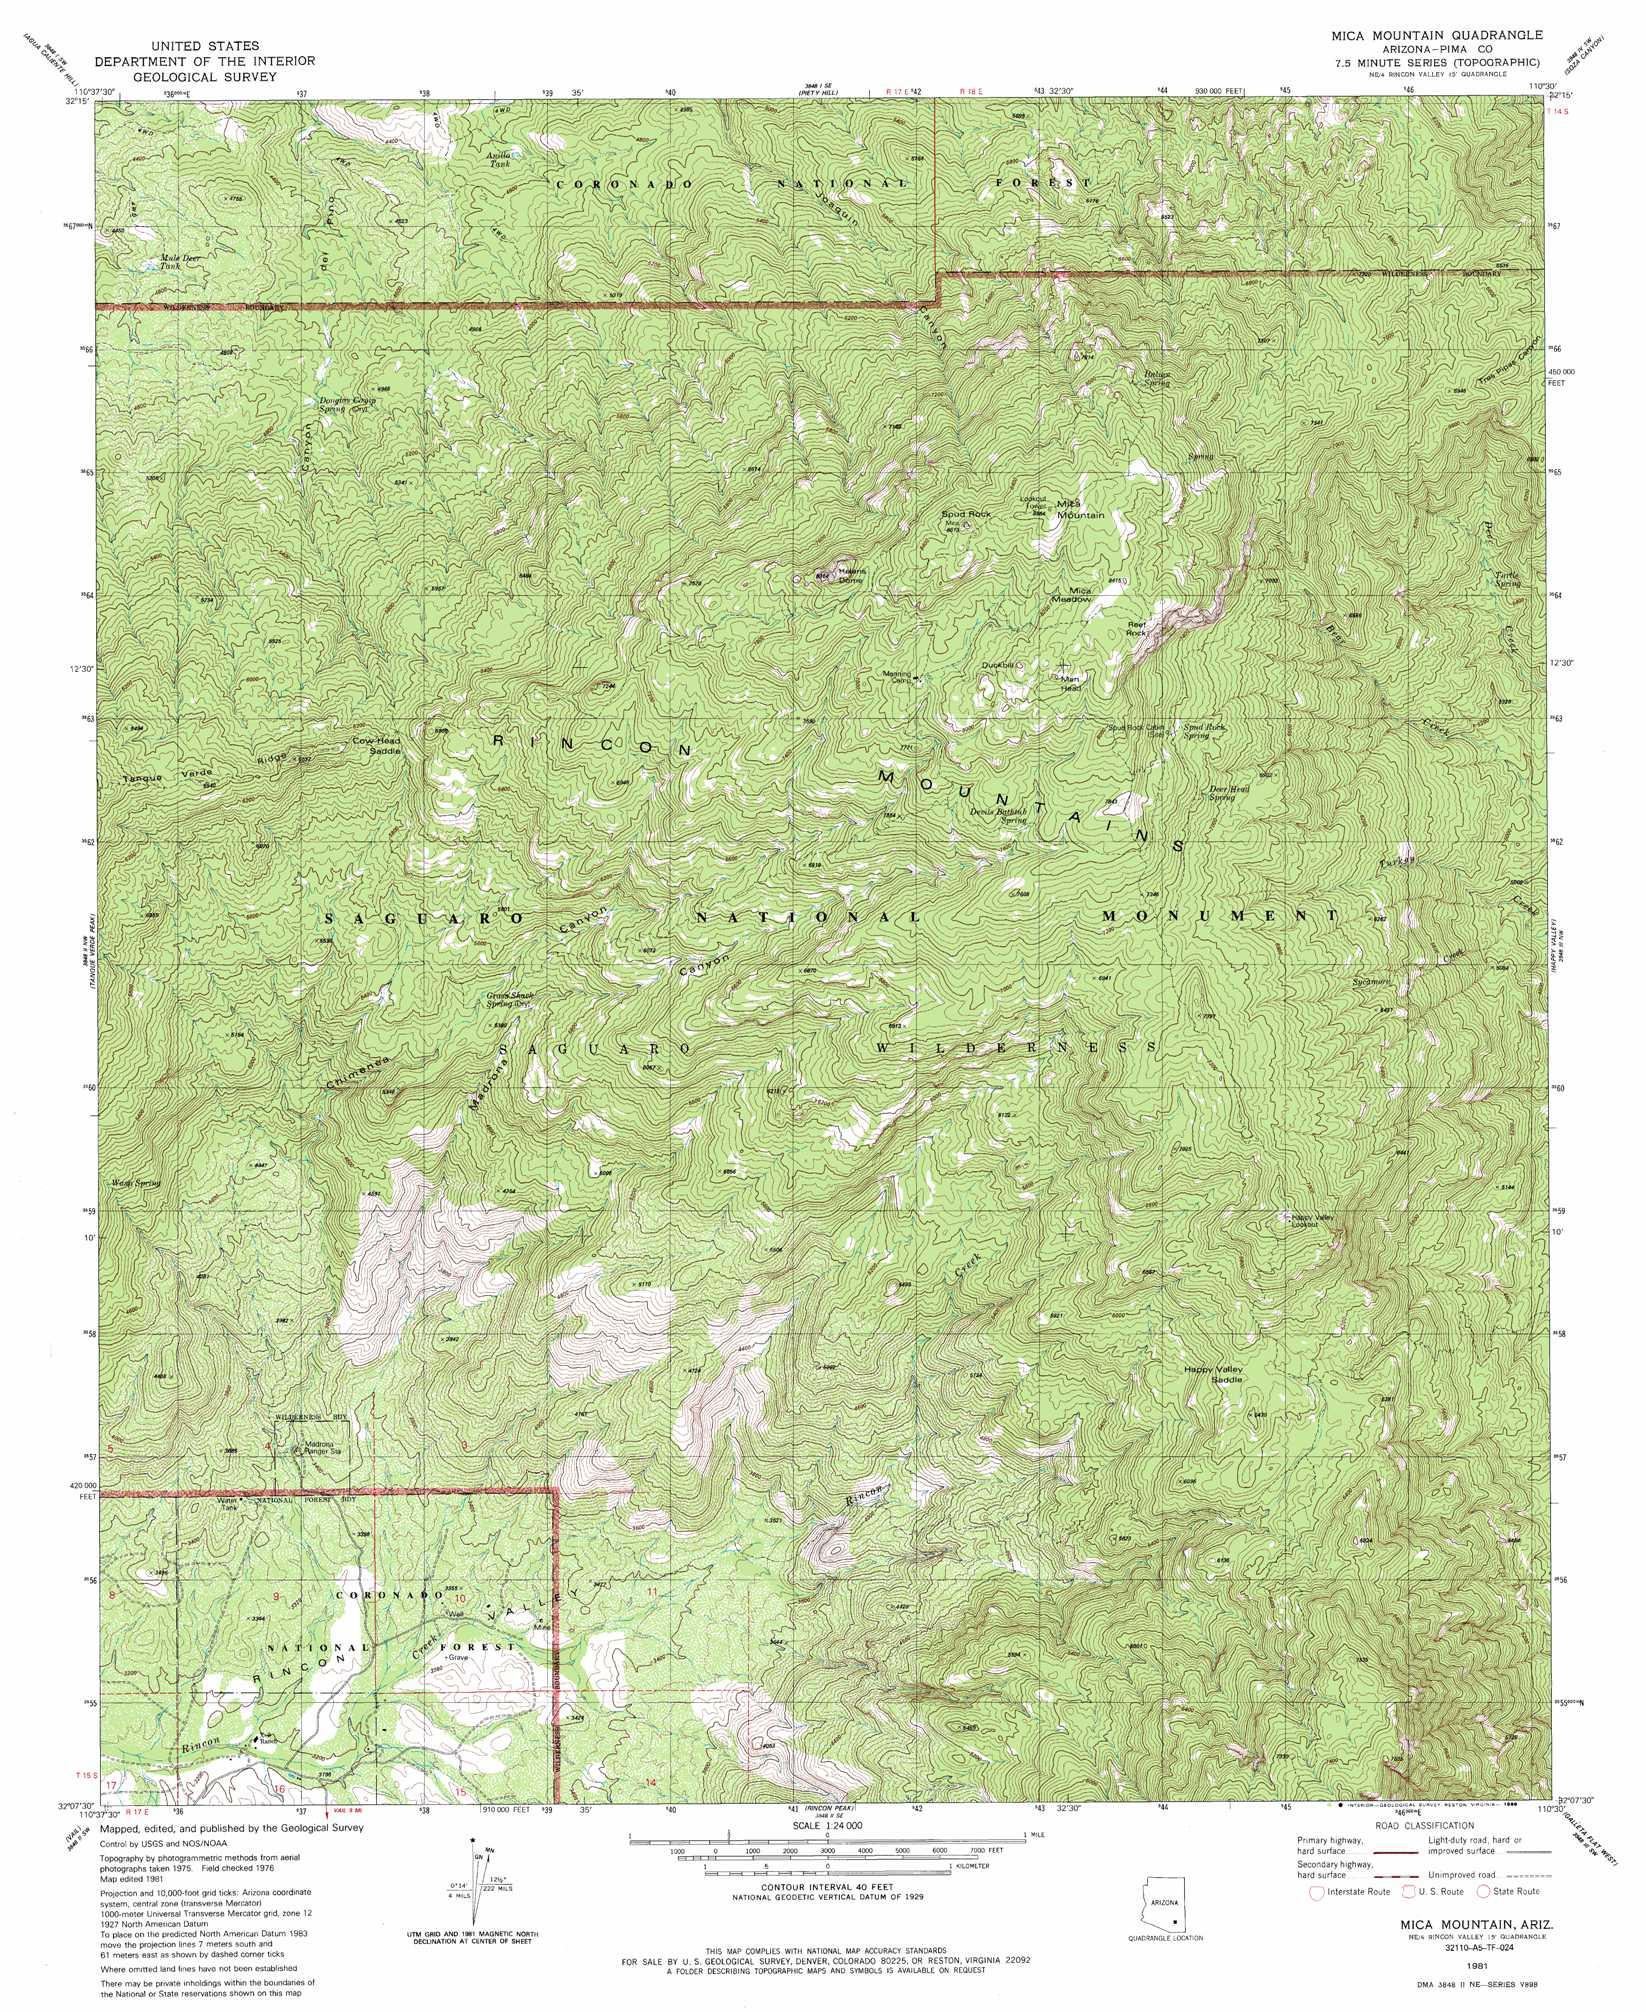 Ozark Mountains Topographic Map.Mica Mountain Topographic Map Az Usgs Topo Quad 32110b5